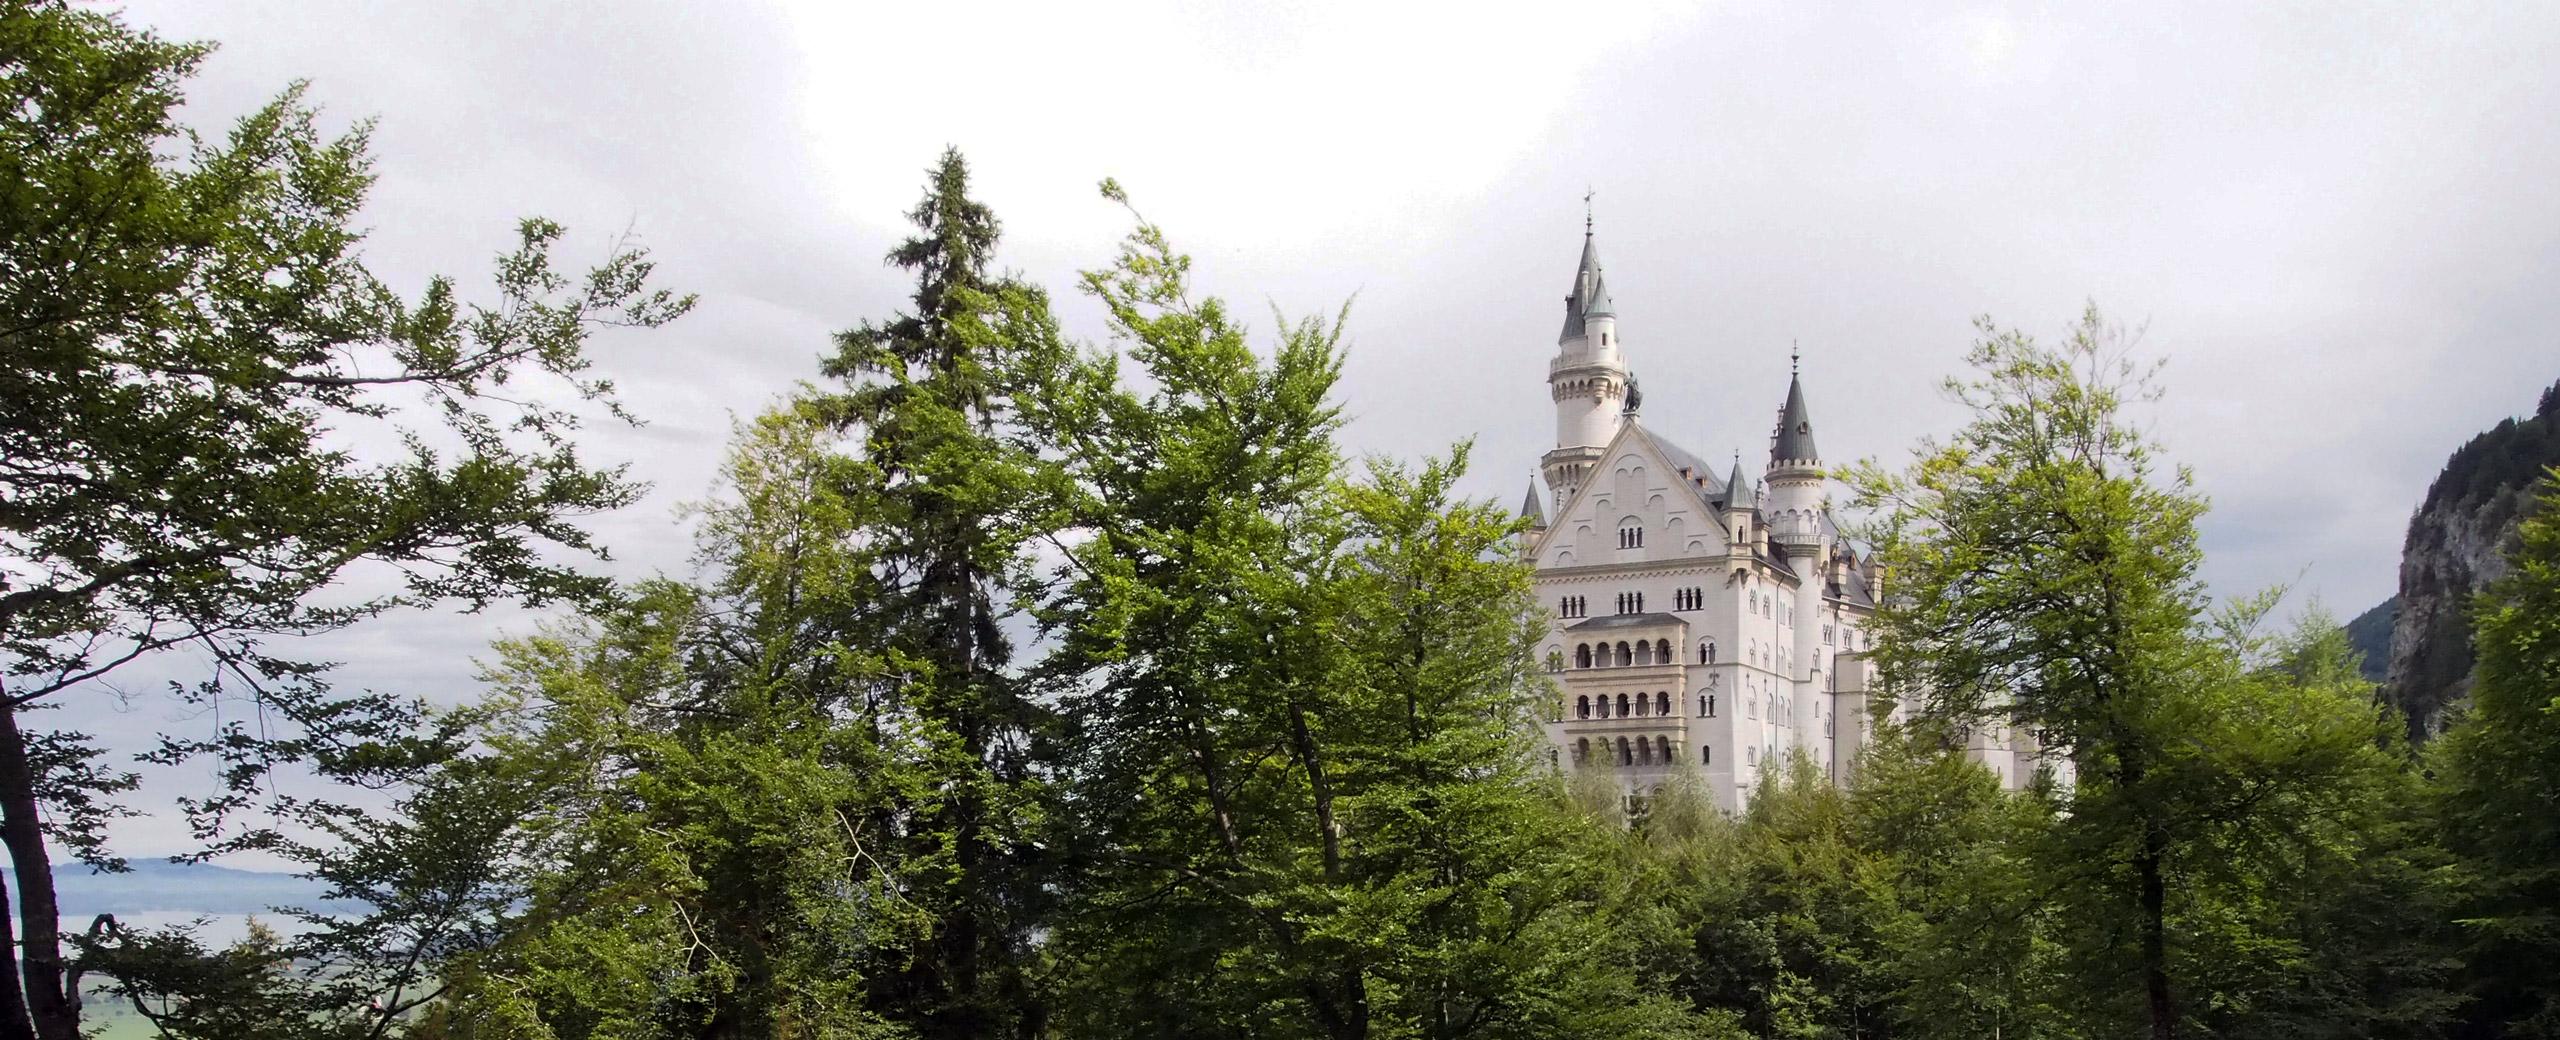 En güzel Peri Masalı Şatosu Neuschwanstein-ARABAYLA ROMANTİK YOL#3